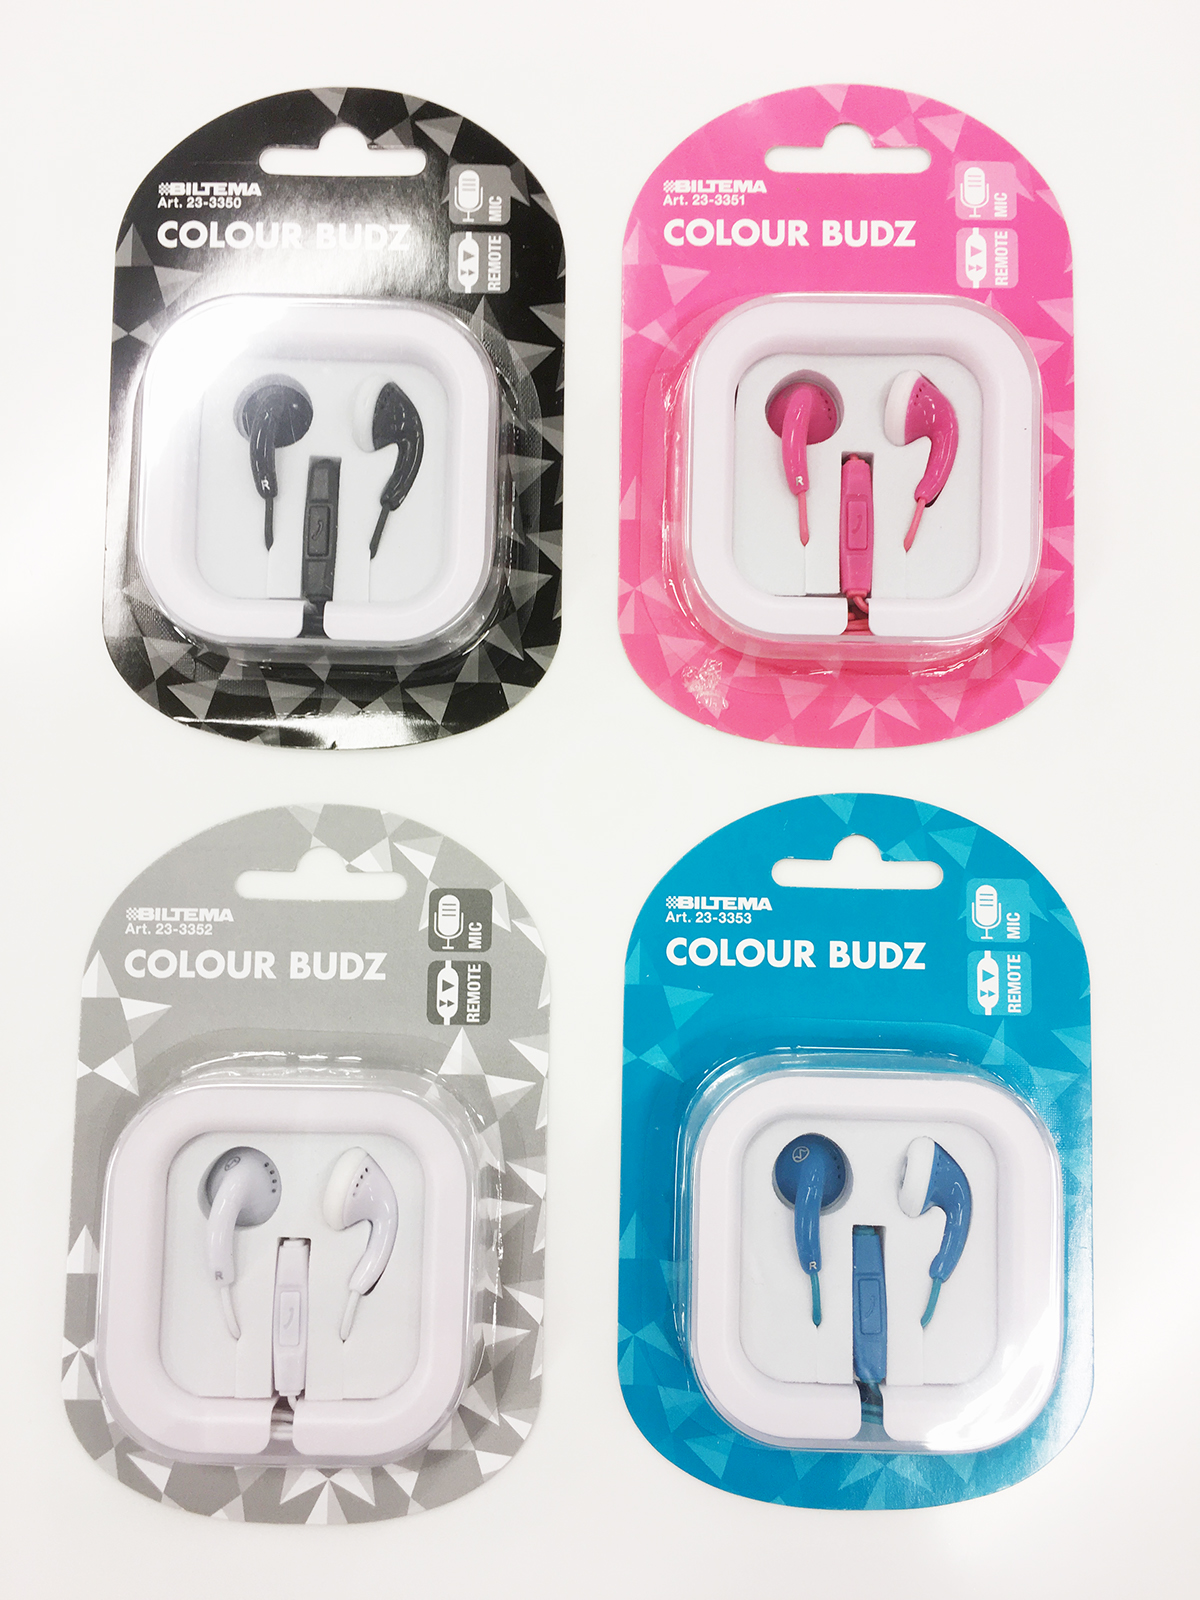 InDesign Brand Design packaging design Adobe InDesign